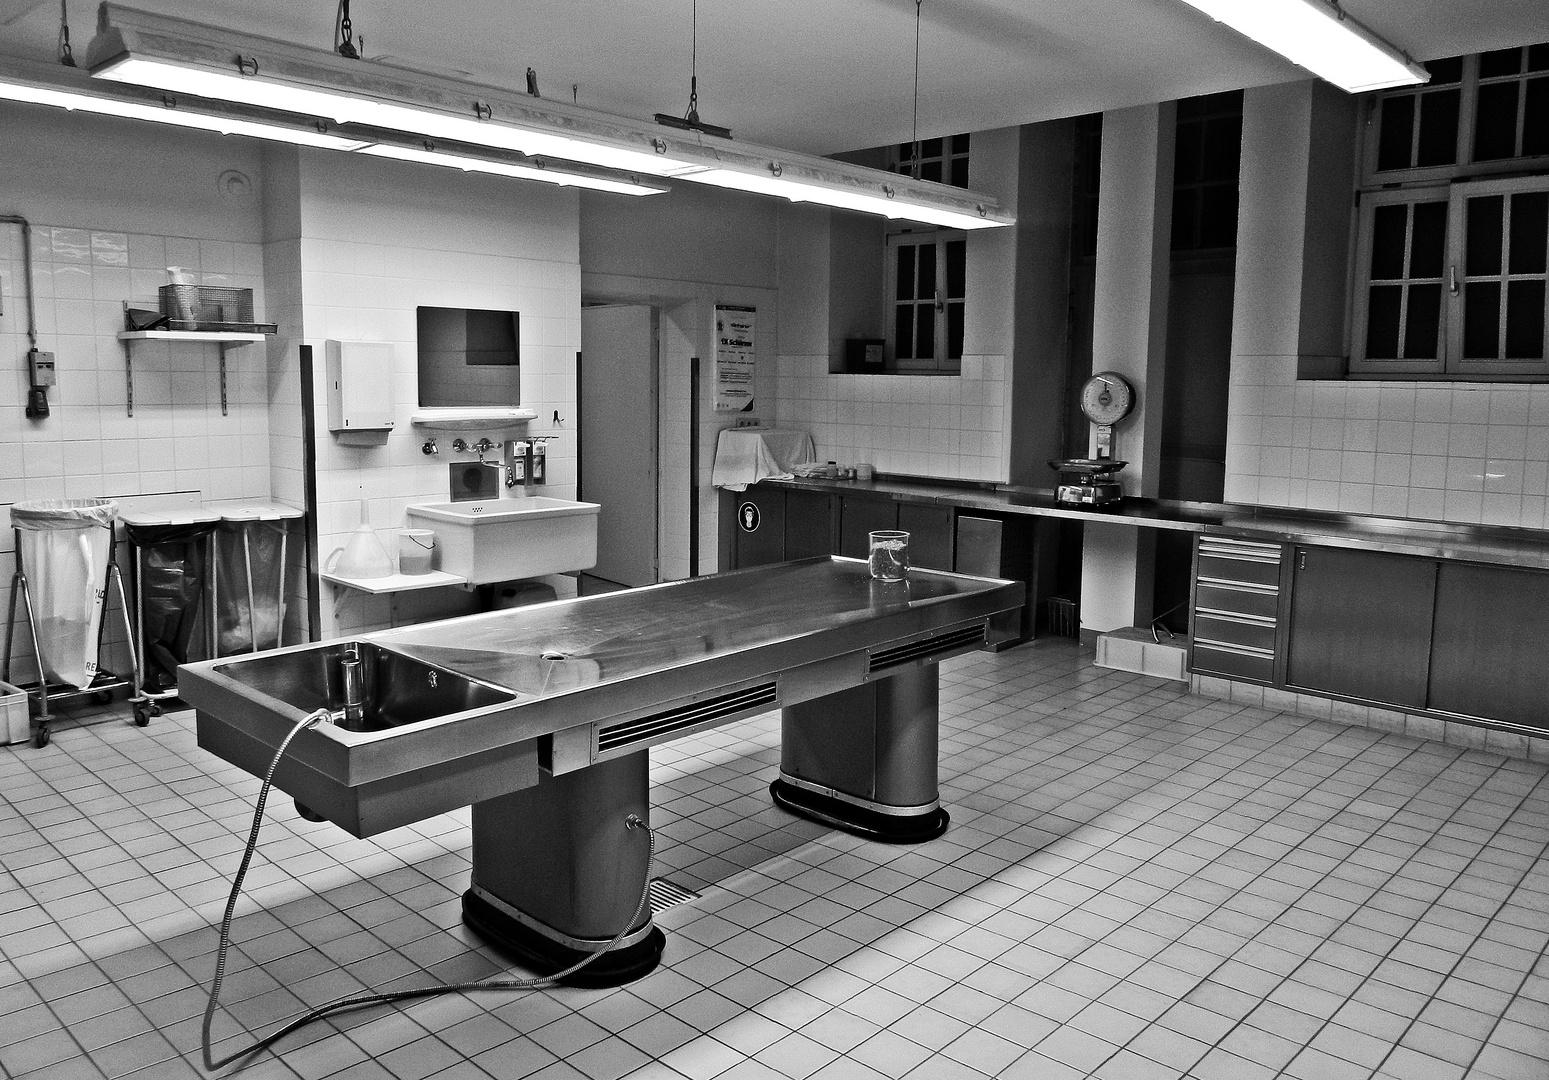 Institut für Pathologie des Klinikums Schwabing, kleiner Sektionssaal